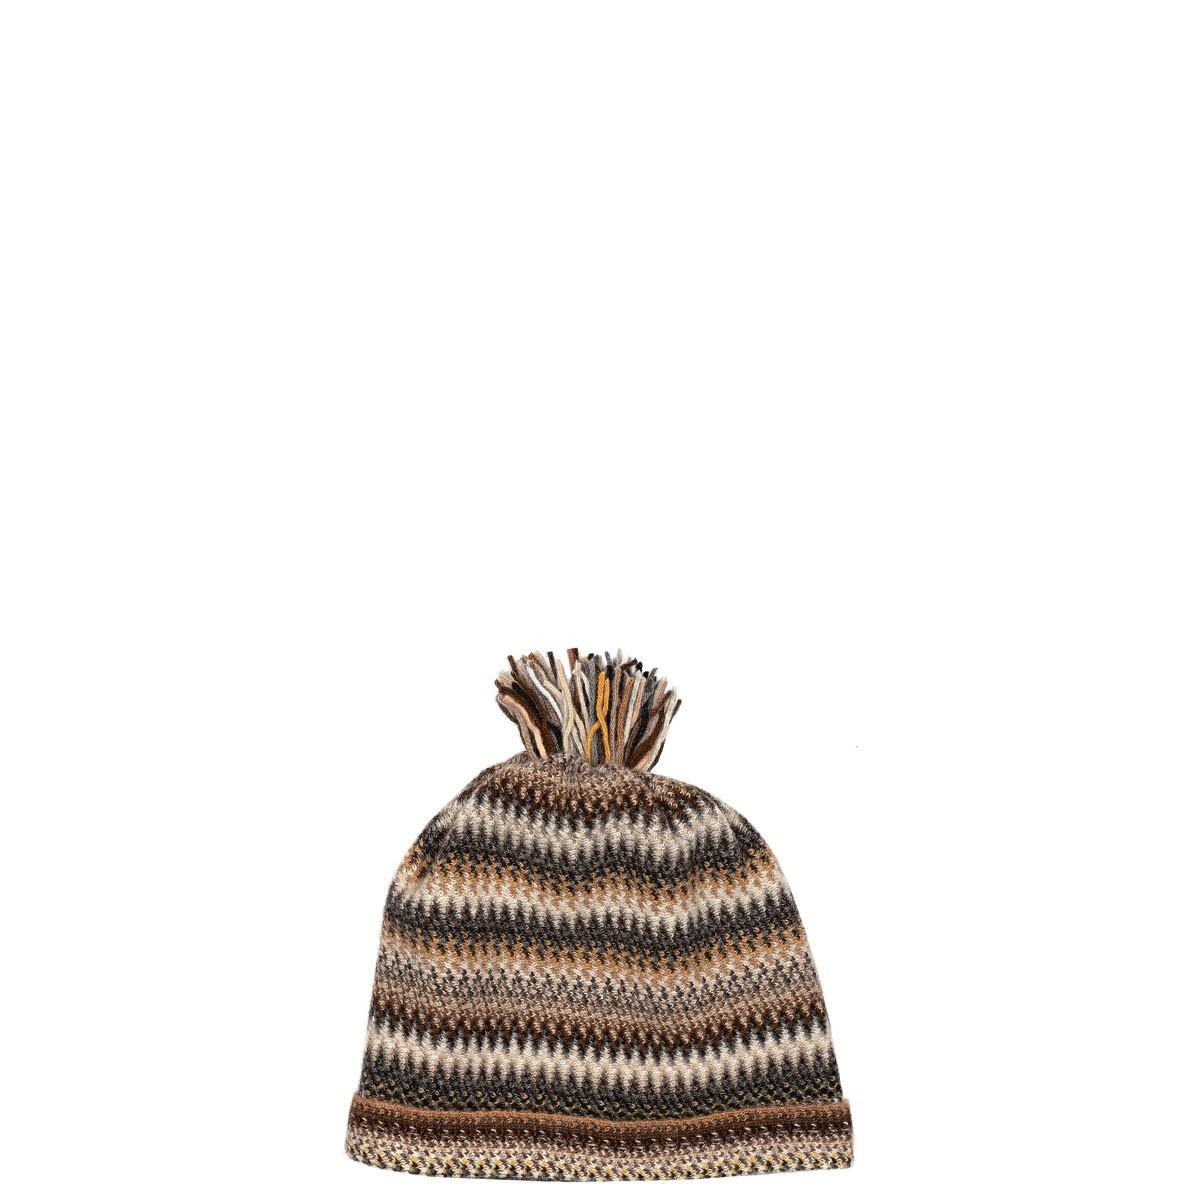 Havana Faith Wool/Angora Knitted Hat